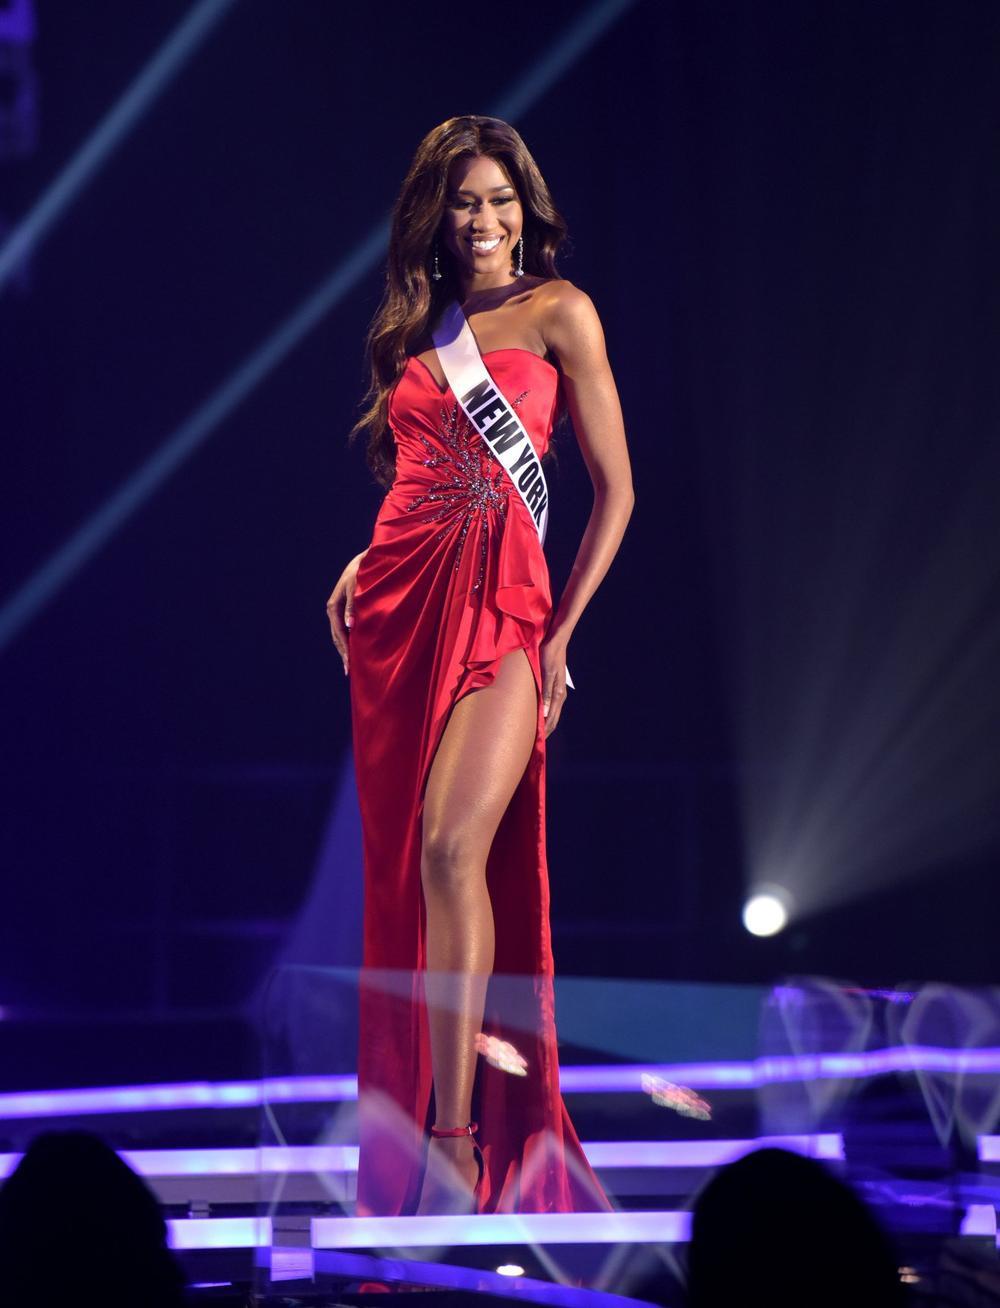 Thí sinh Miss USA mặc lạc quẻ giống Kiều Loan, đạo nhái váy Hoàng Thùy trong phần thi dạ hội Ảnh 13